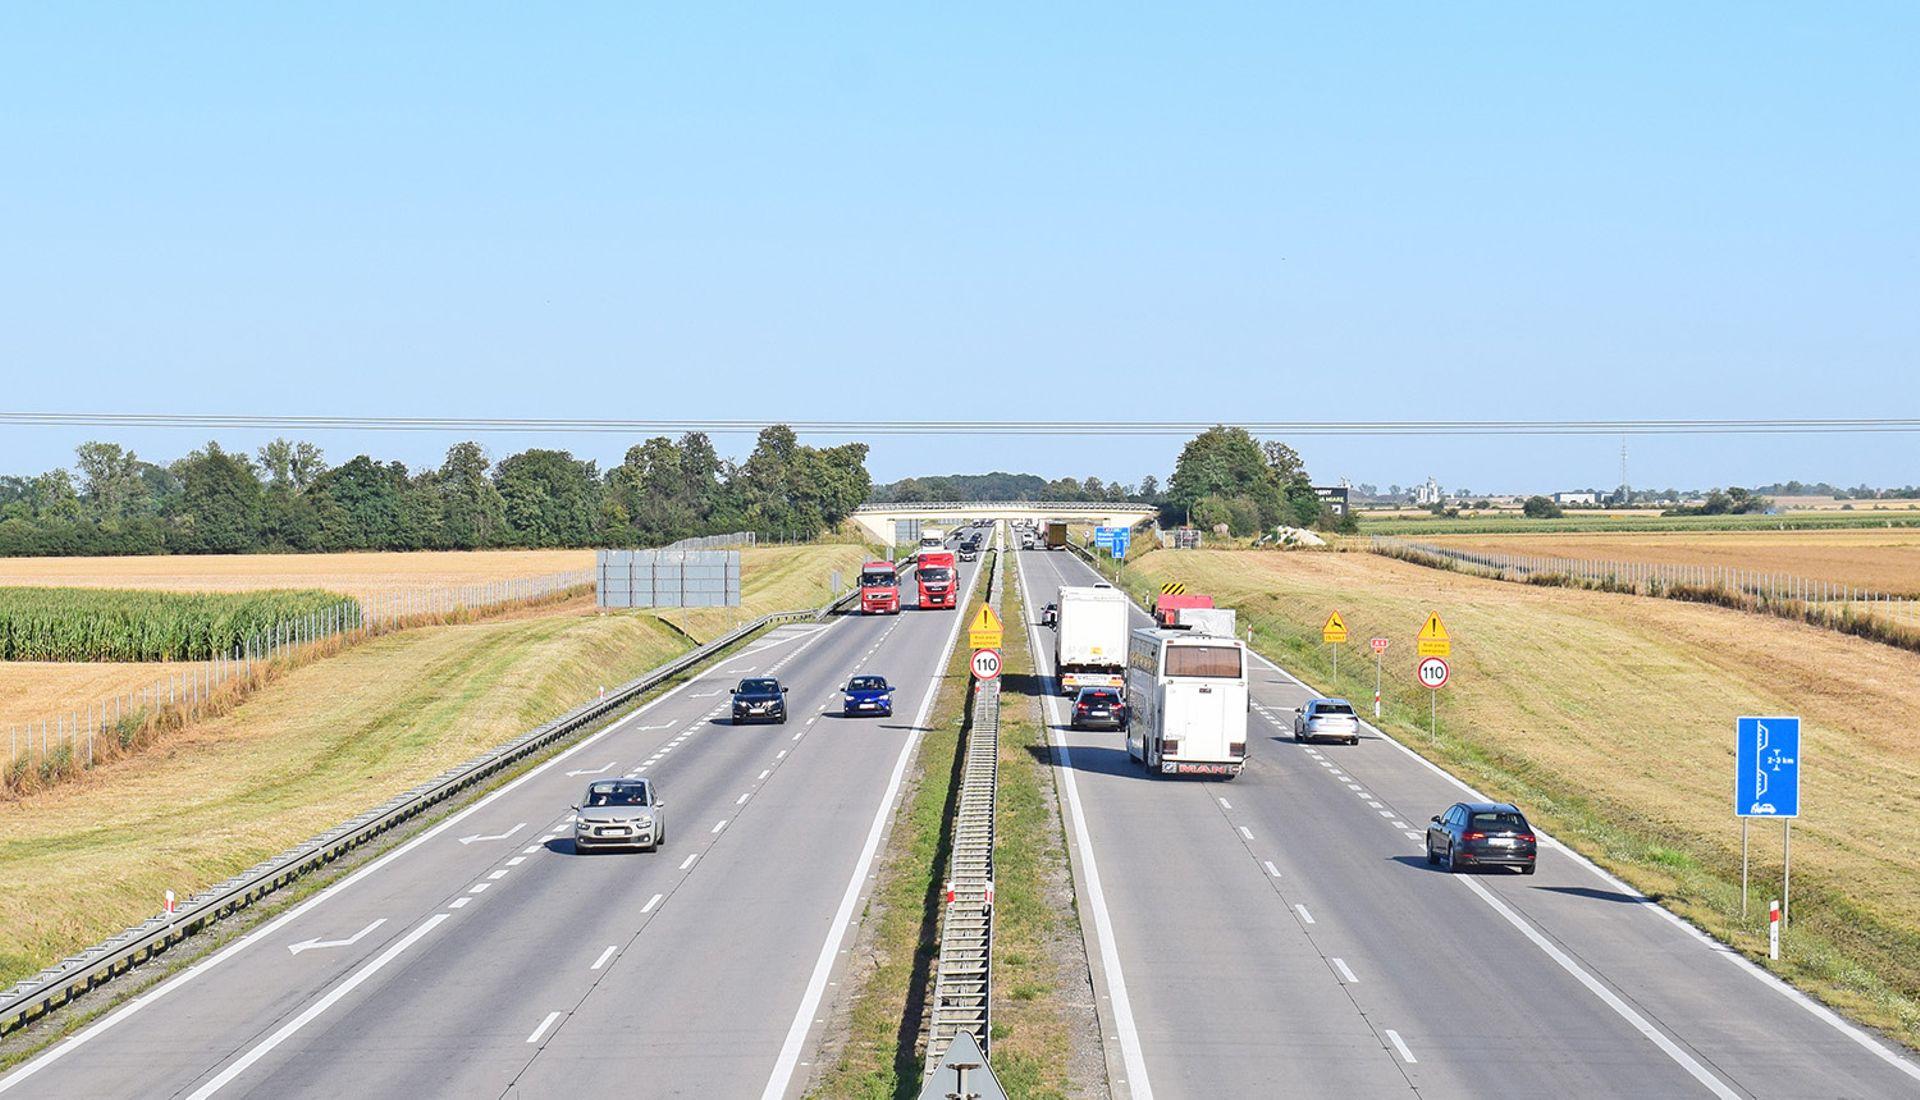 Ogłoszono przetargi na prace przygotowawcze dla A4 i S5